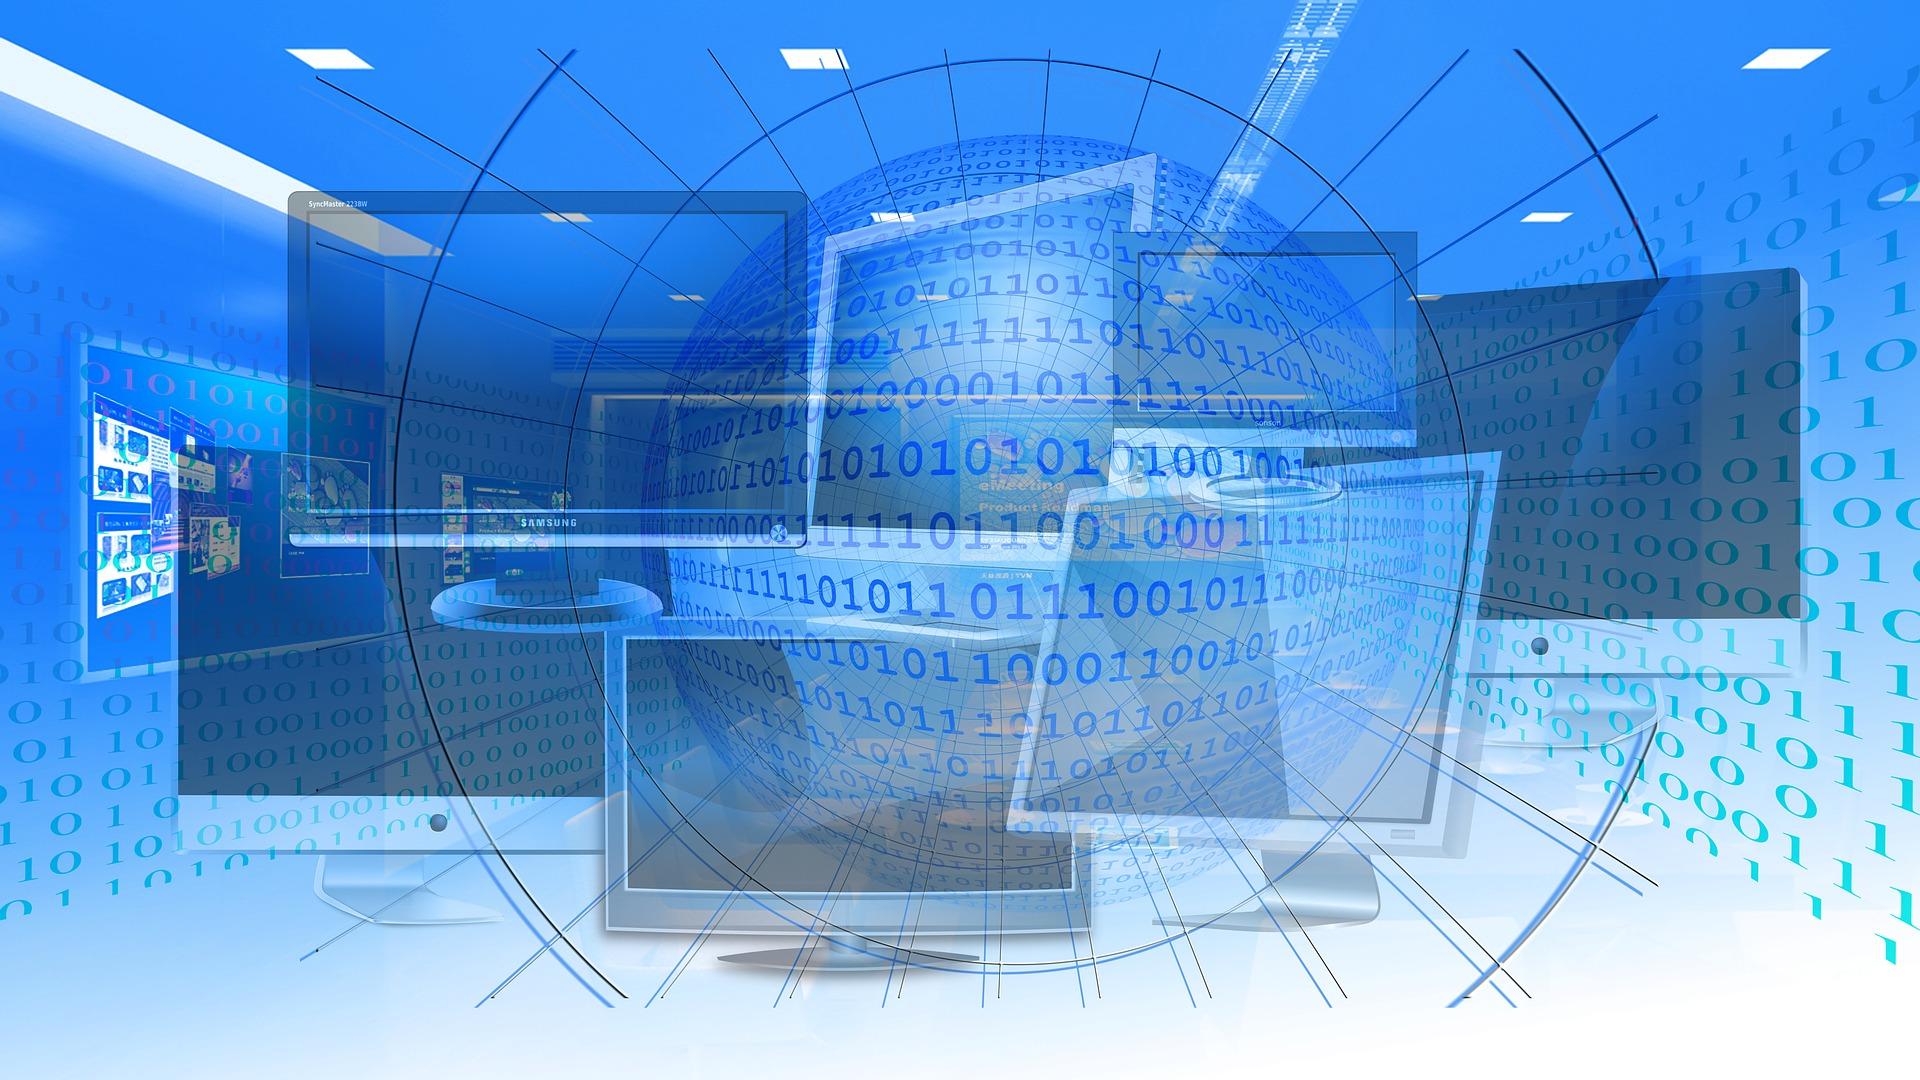 שירותי IT לעסקים: מיקור חוץ הוא הפתרון המושלם